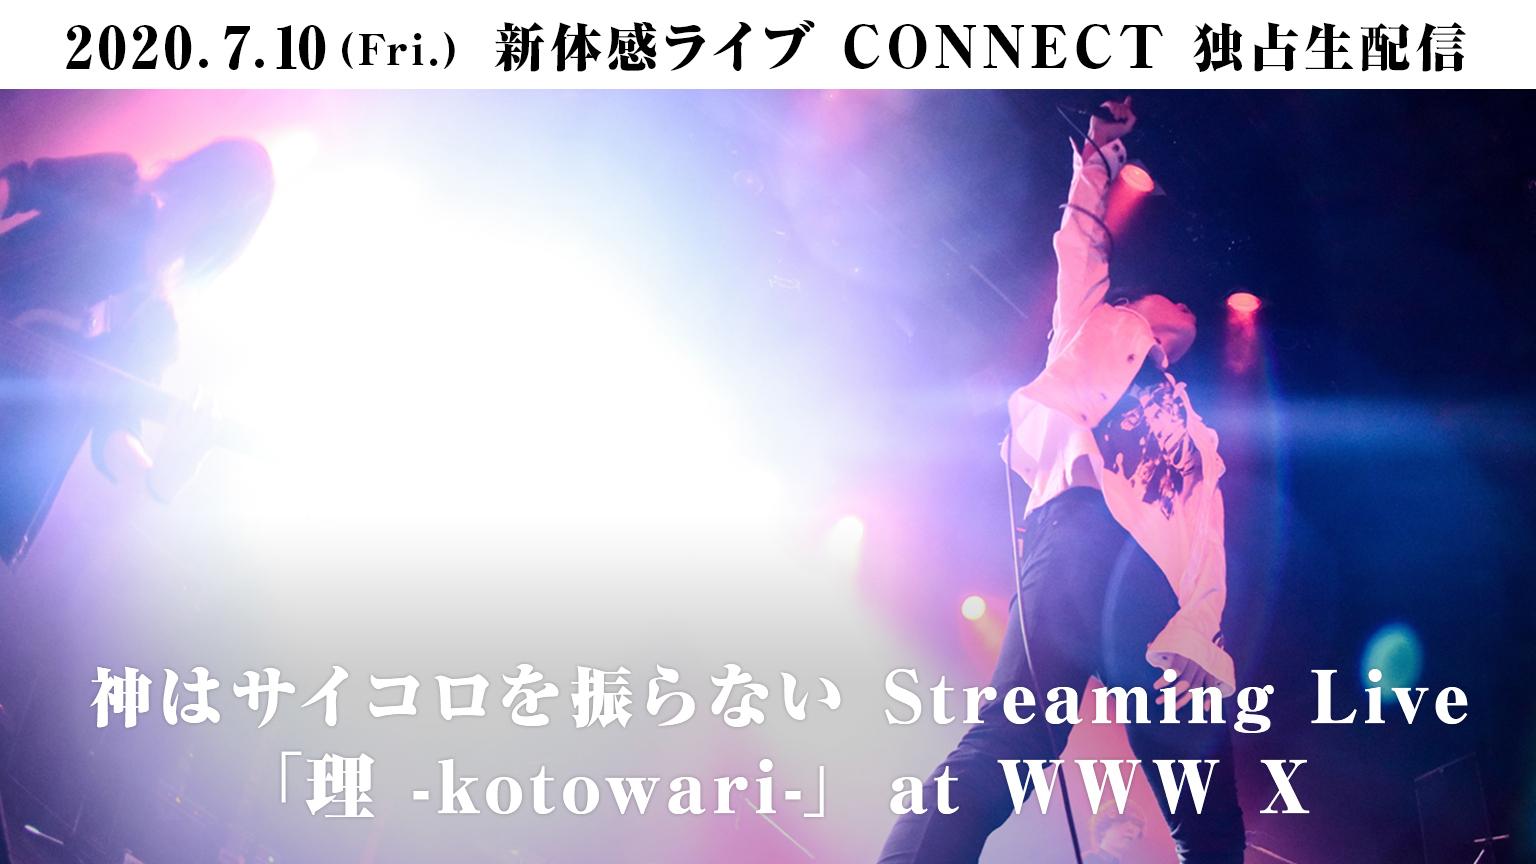 神はサイコロを振らないStreaming Live「理- kotowari-」at WWW X